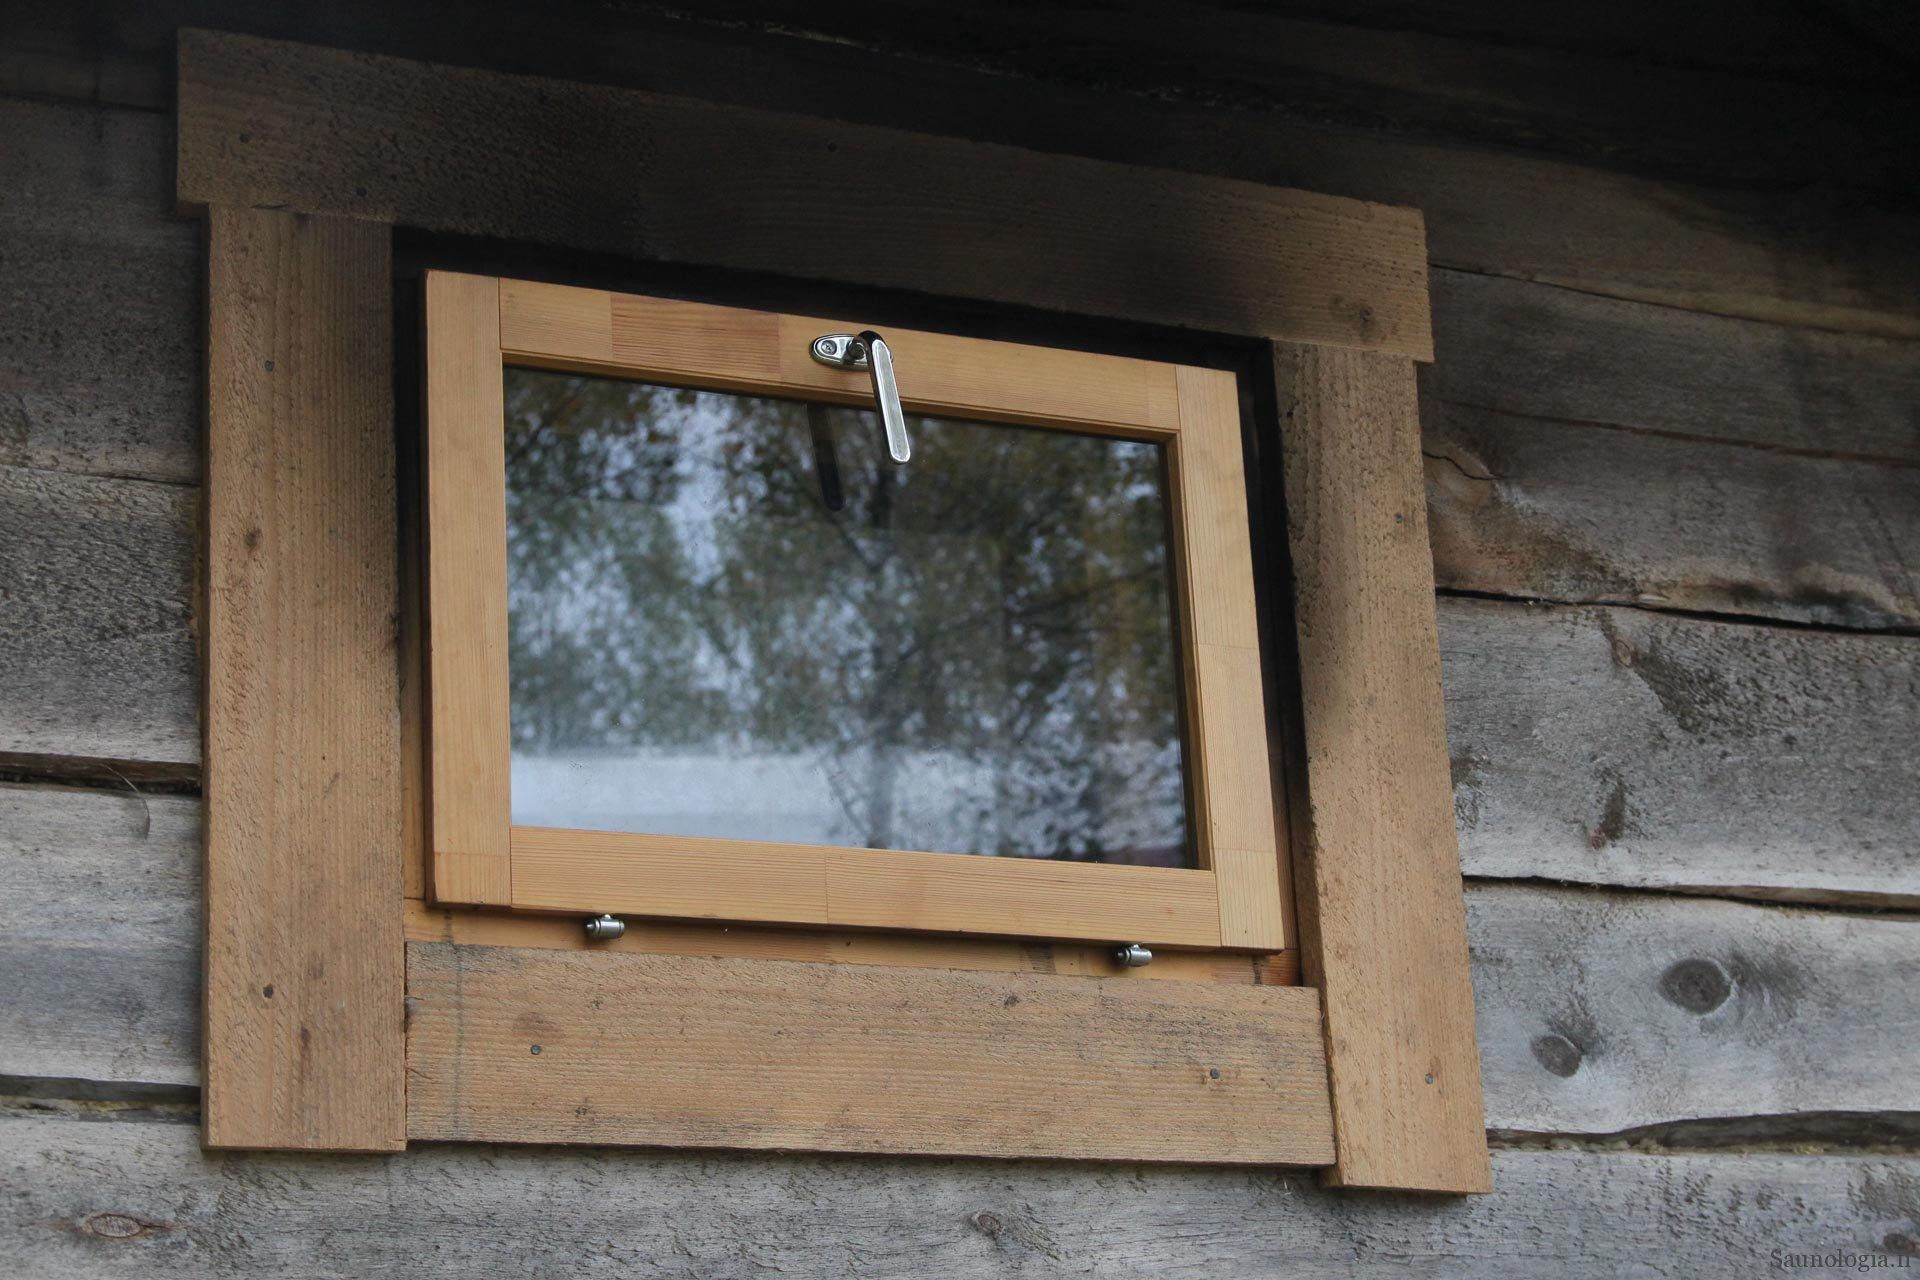 171213-markkut-ikkunarappana-0866